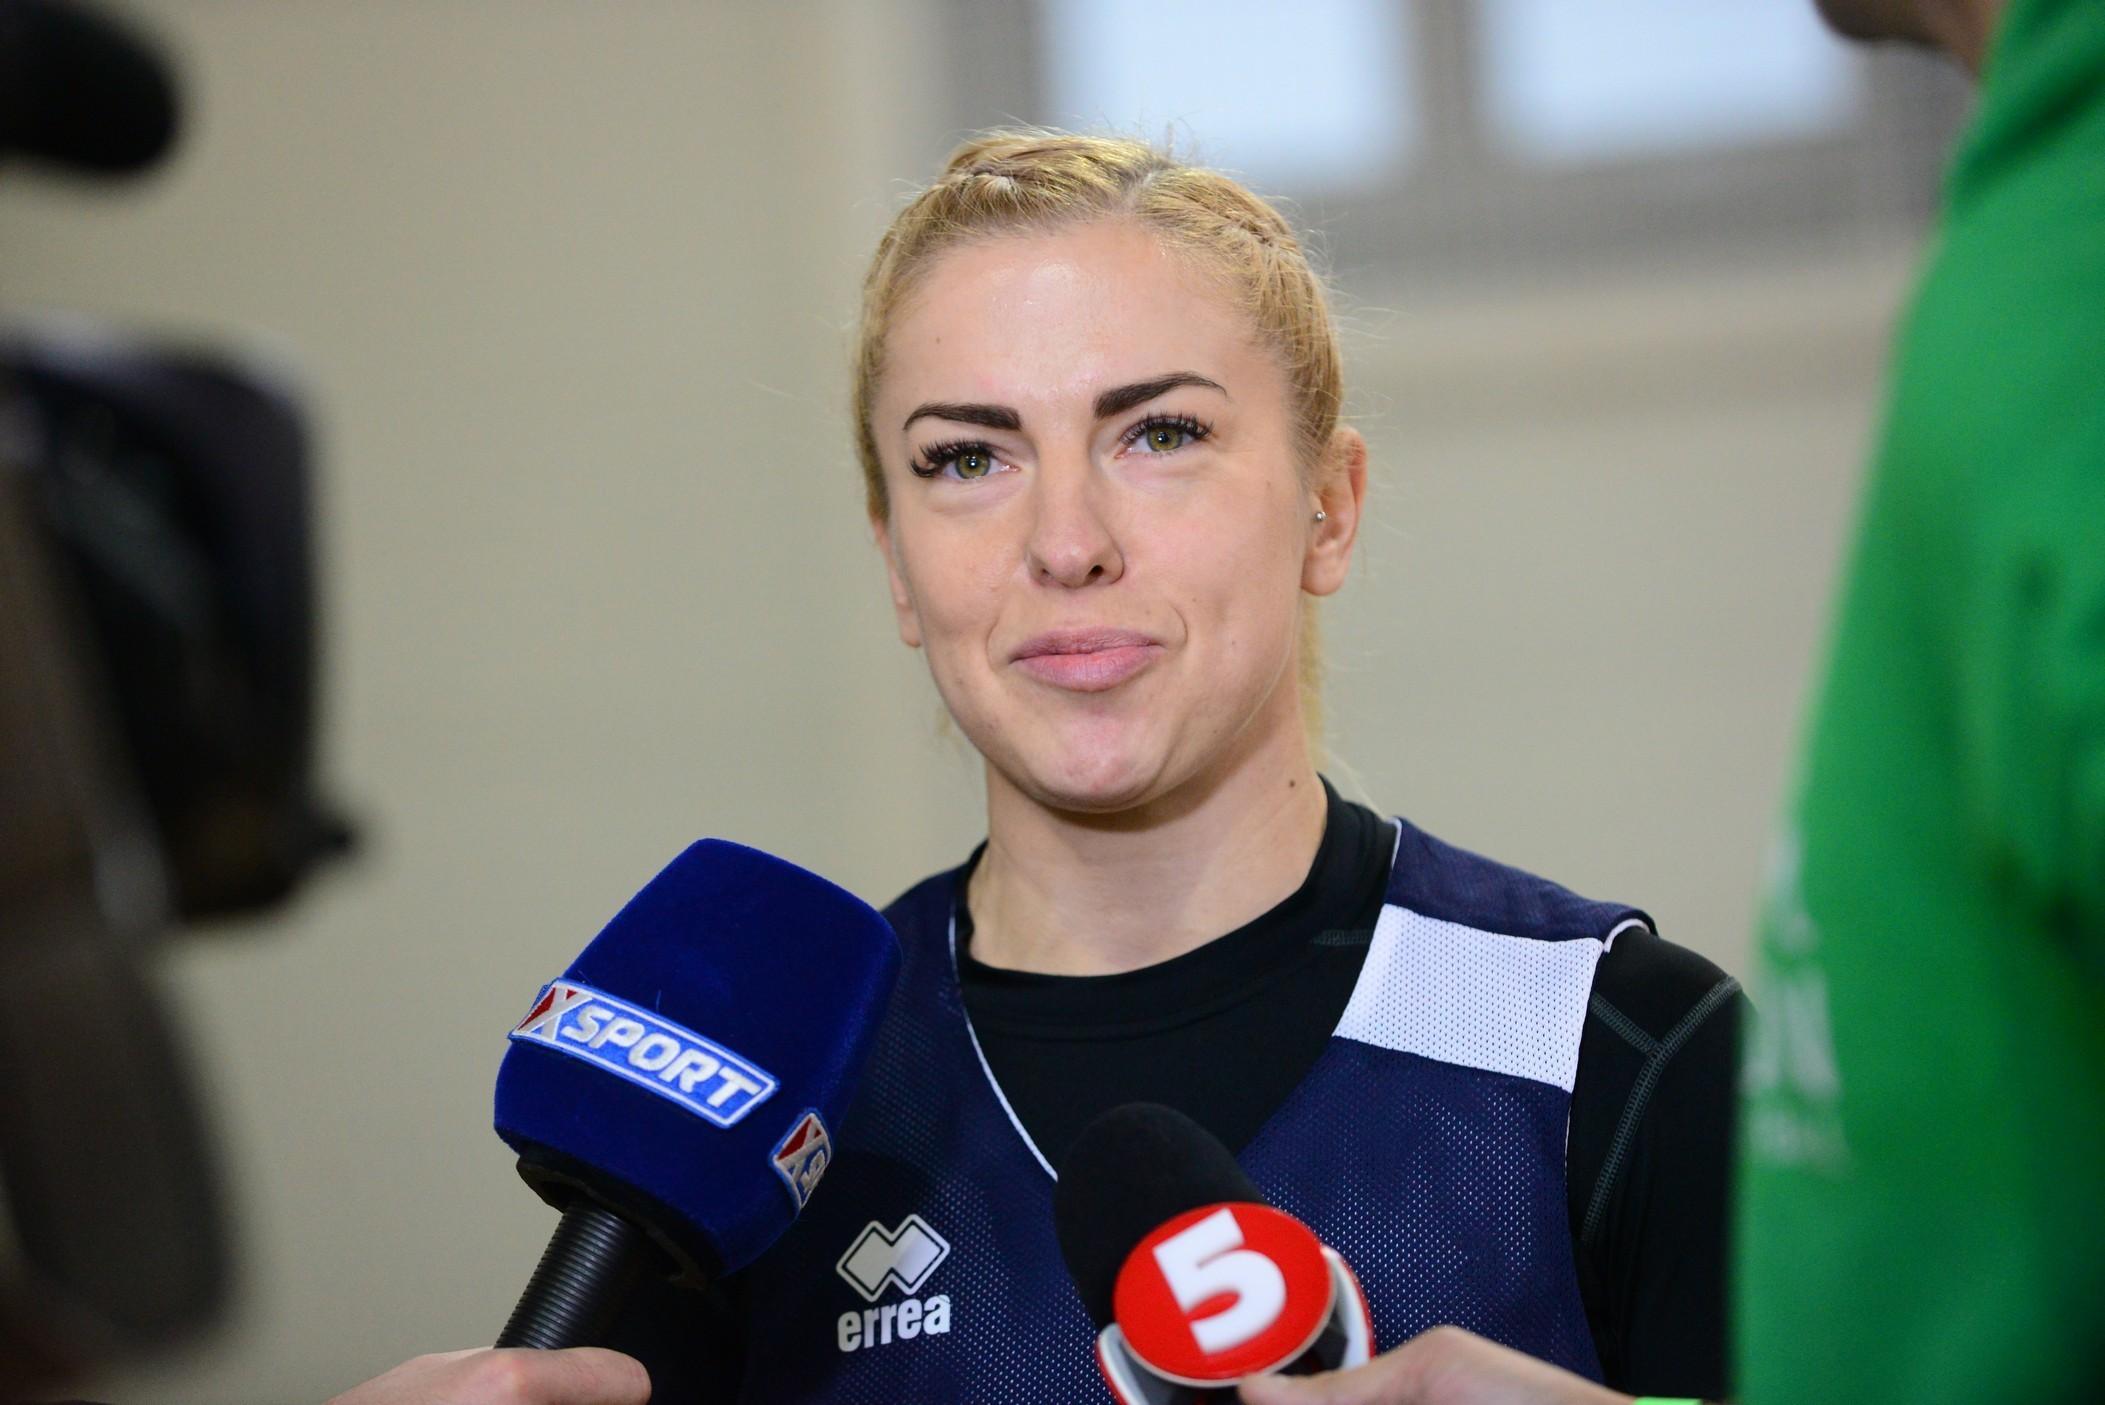 Аріна Білоцерківська: перед грою тренер нам сказав багато хороших слів